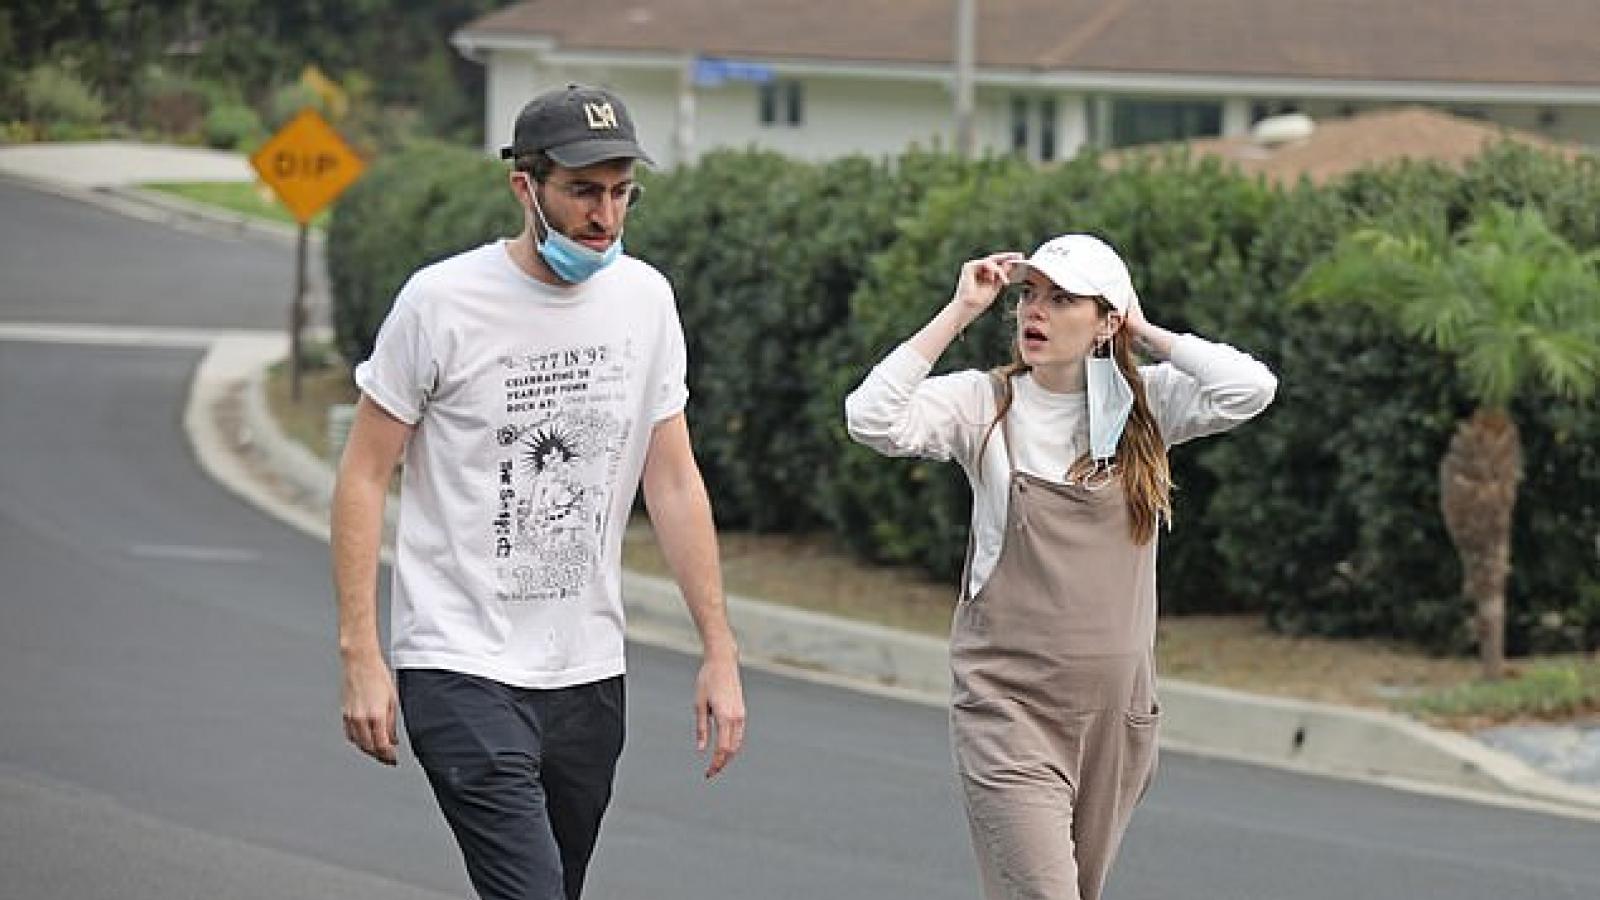 Emma Stone và bạn trai đeo nhẫn đôi, nghi vấn đã bí mật kết hôn?